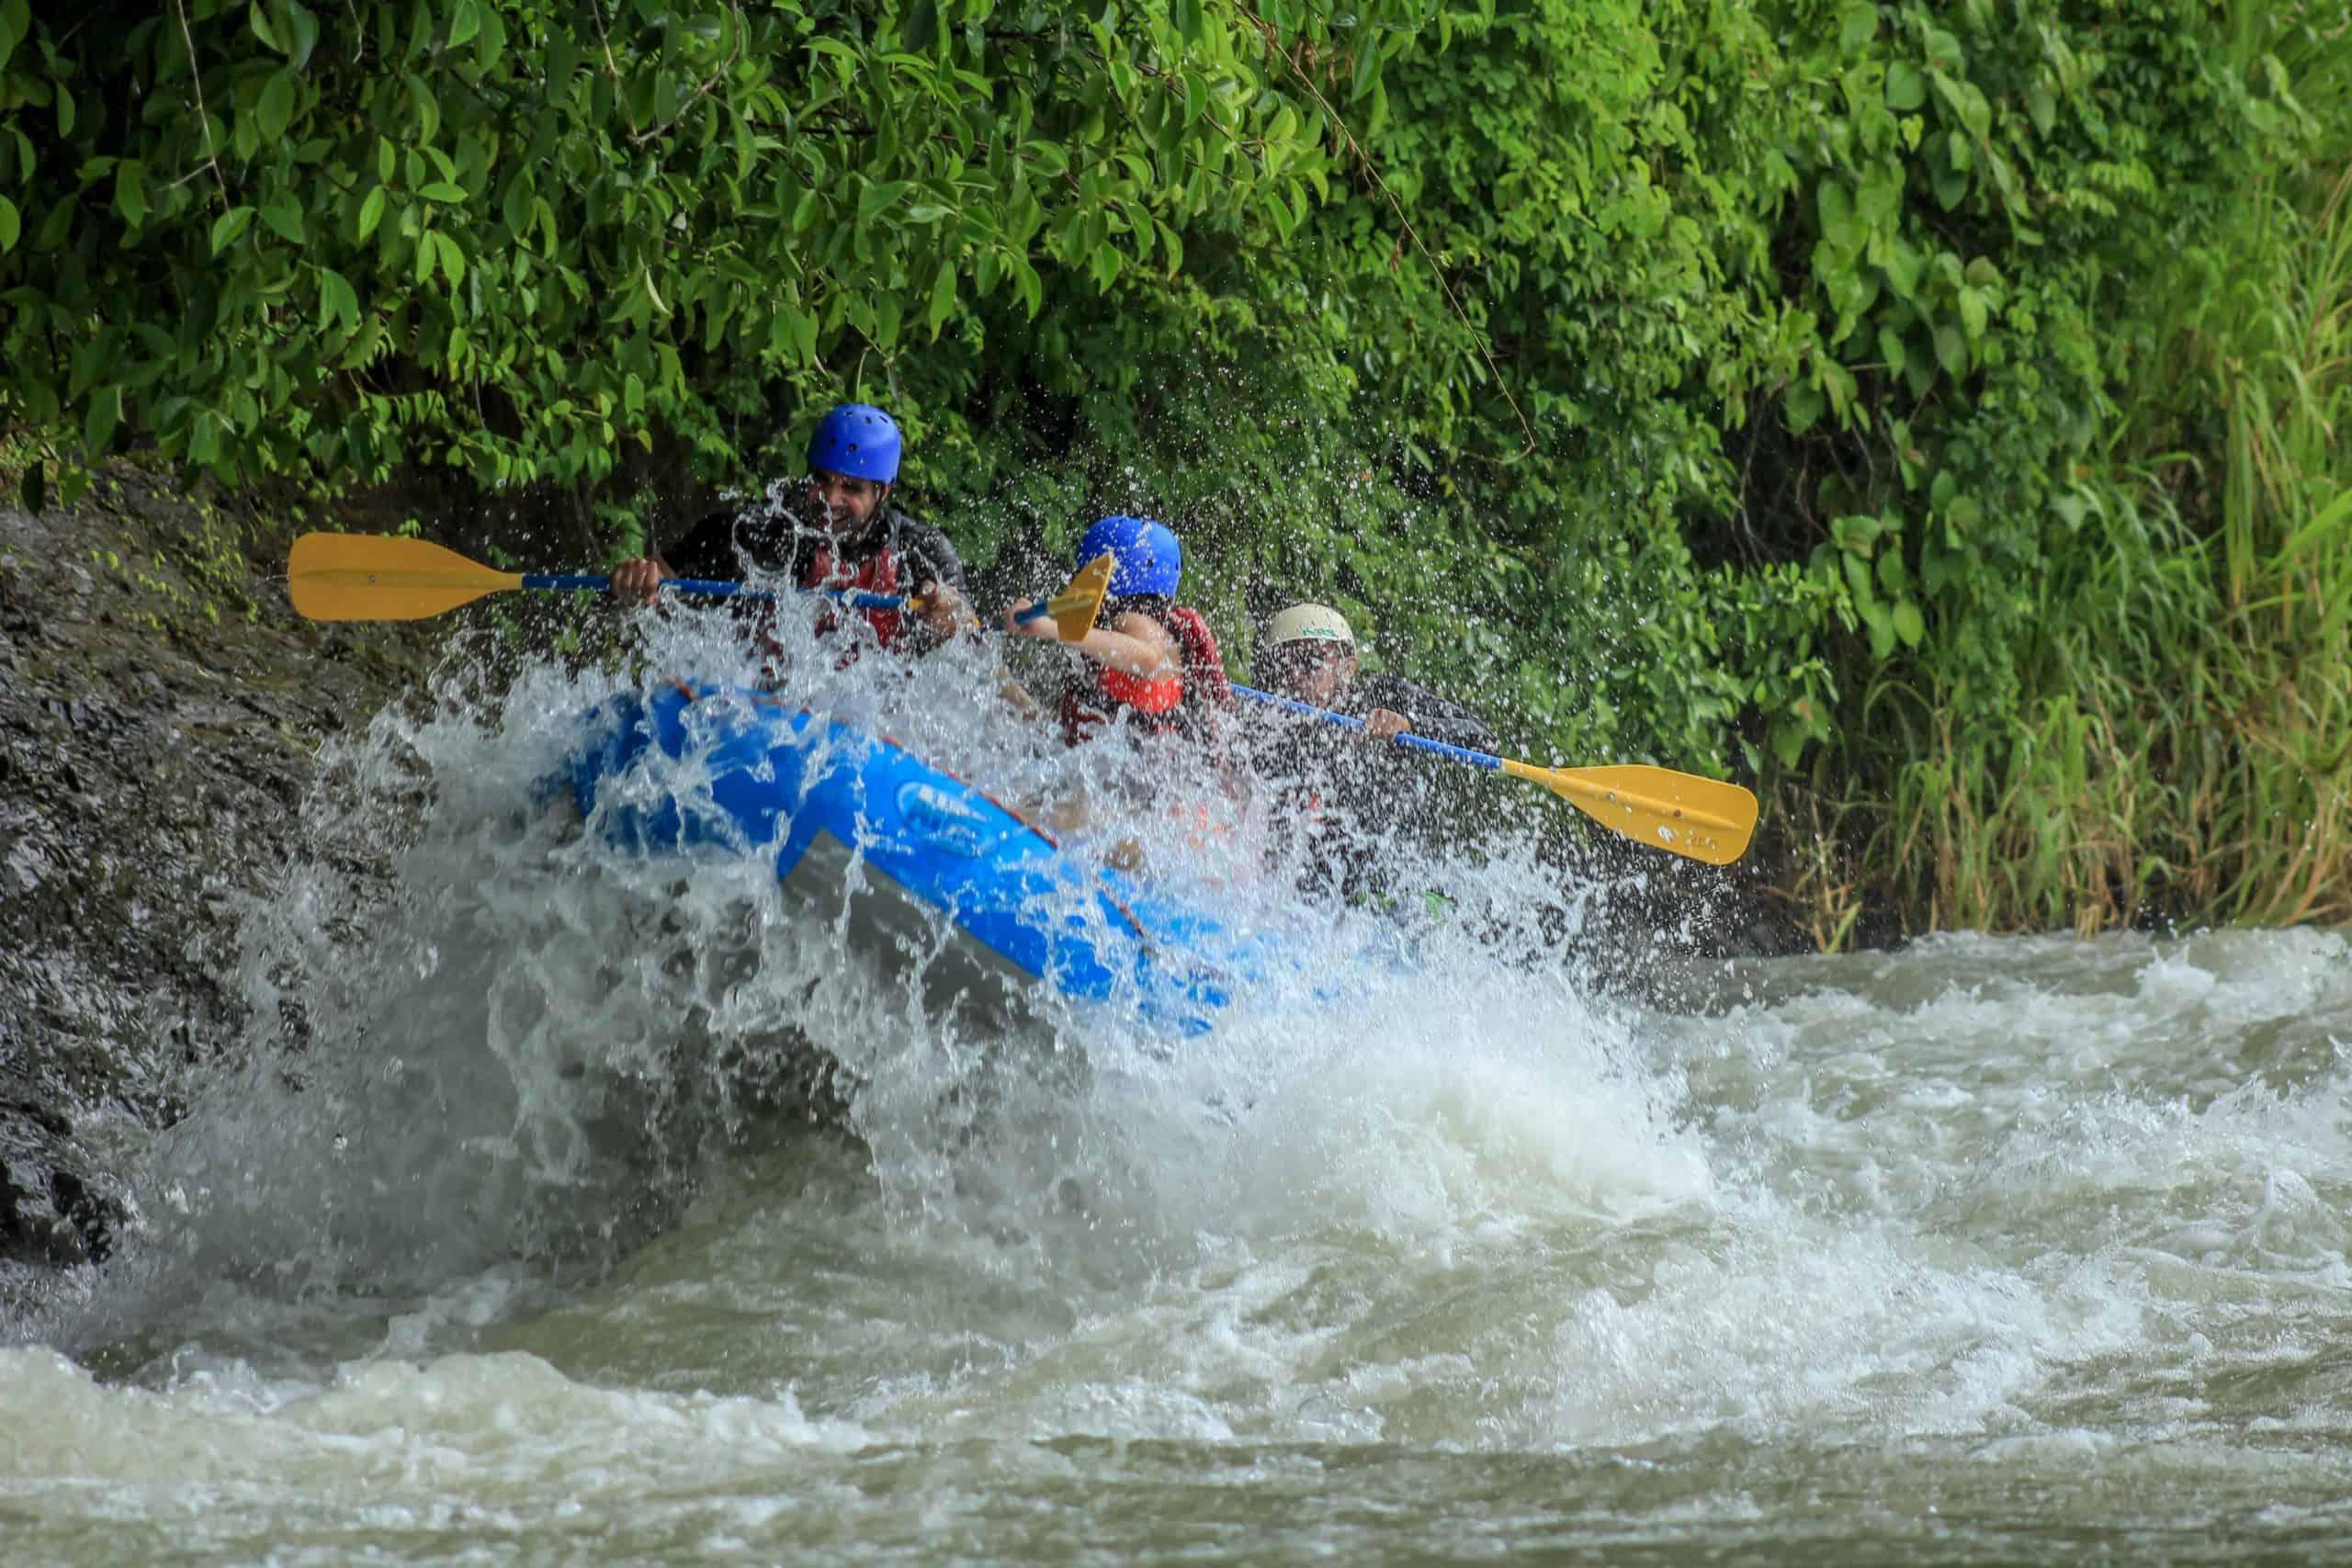 dossier de si/ège arri/ère de rafting pour bateau de p/êche en kayak avec dossier et base antid/érapante. Si/ège de kayak